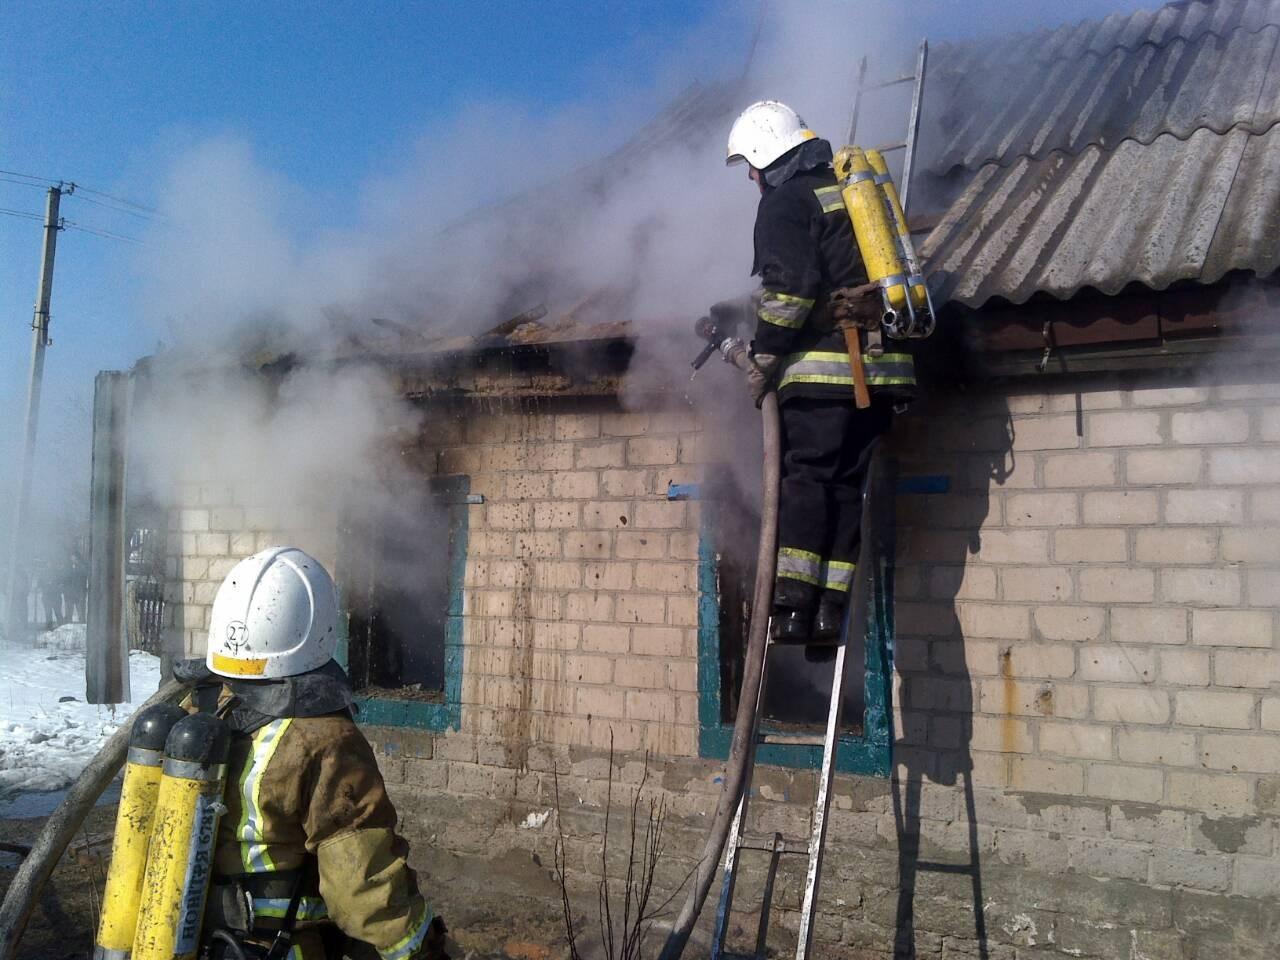 Сгорели заживо: в Кировоградской области на пожаре погибли оставленные матерью трое маленьких детей – появились первые кадры с места трагедии